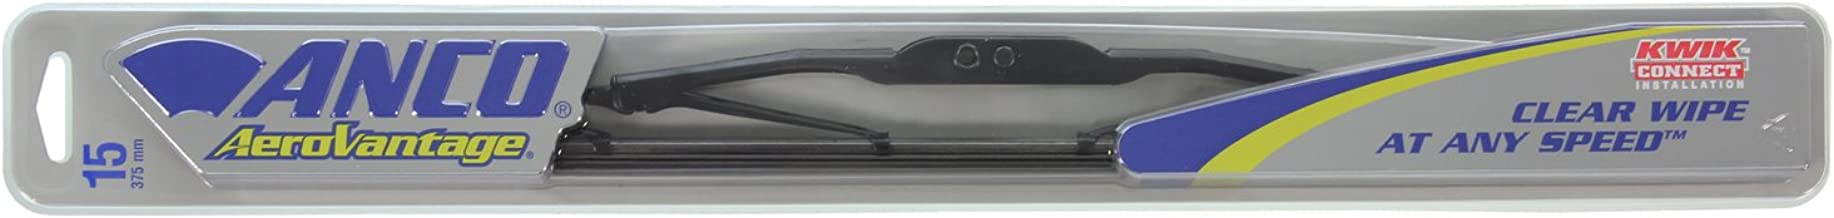 ANCO 91-15 AeroVantage Wiper Blade - 15